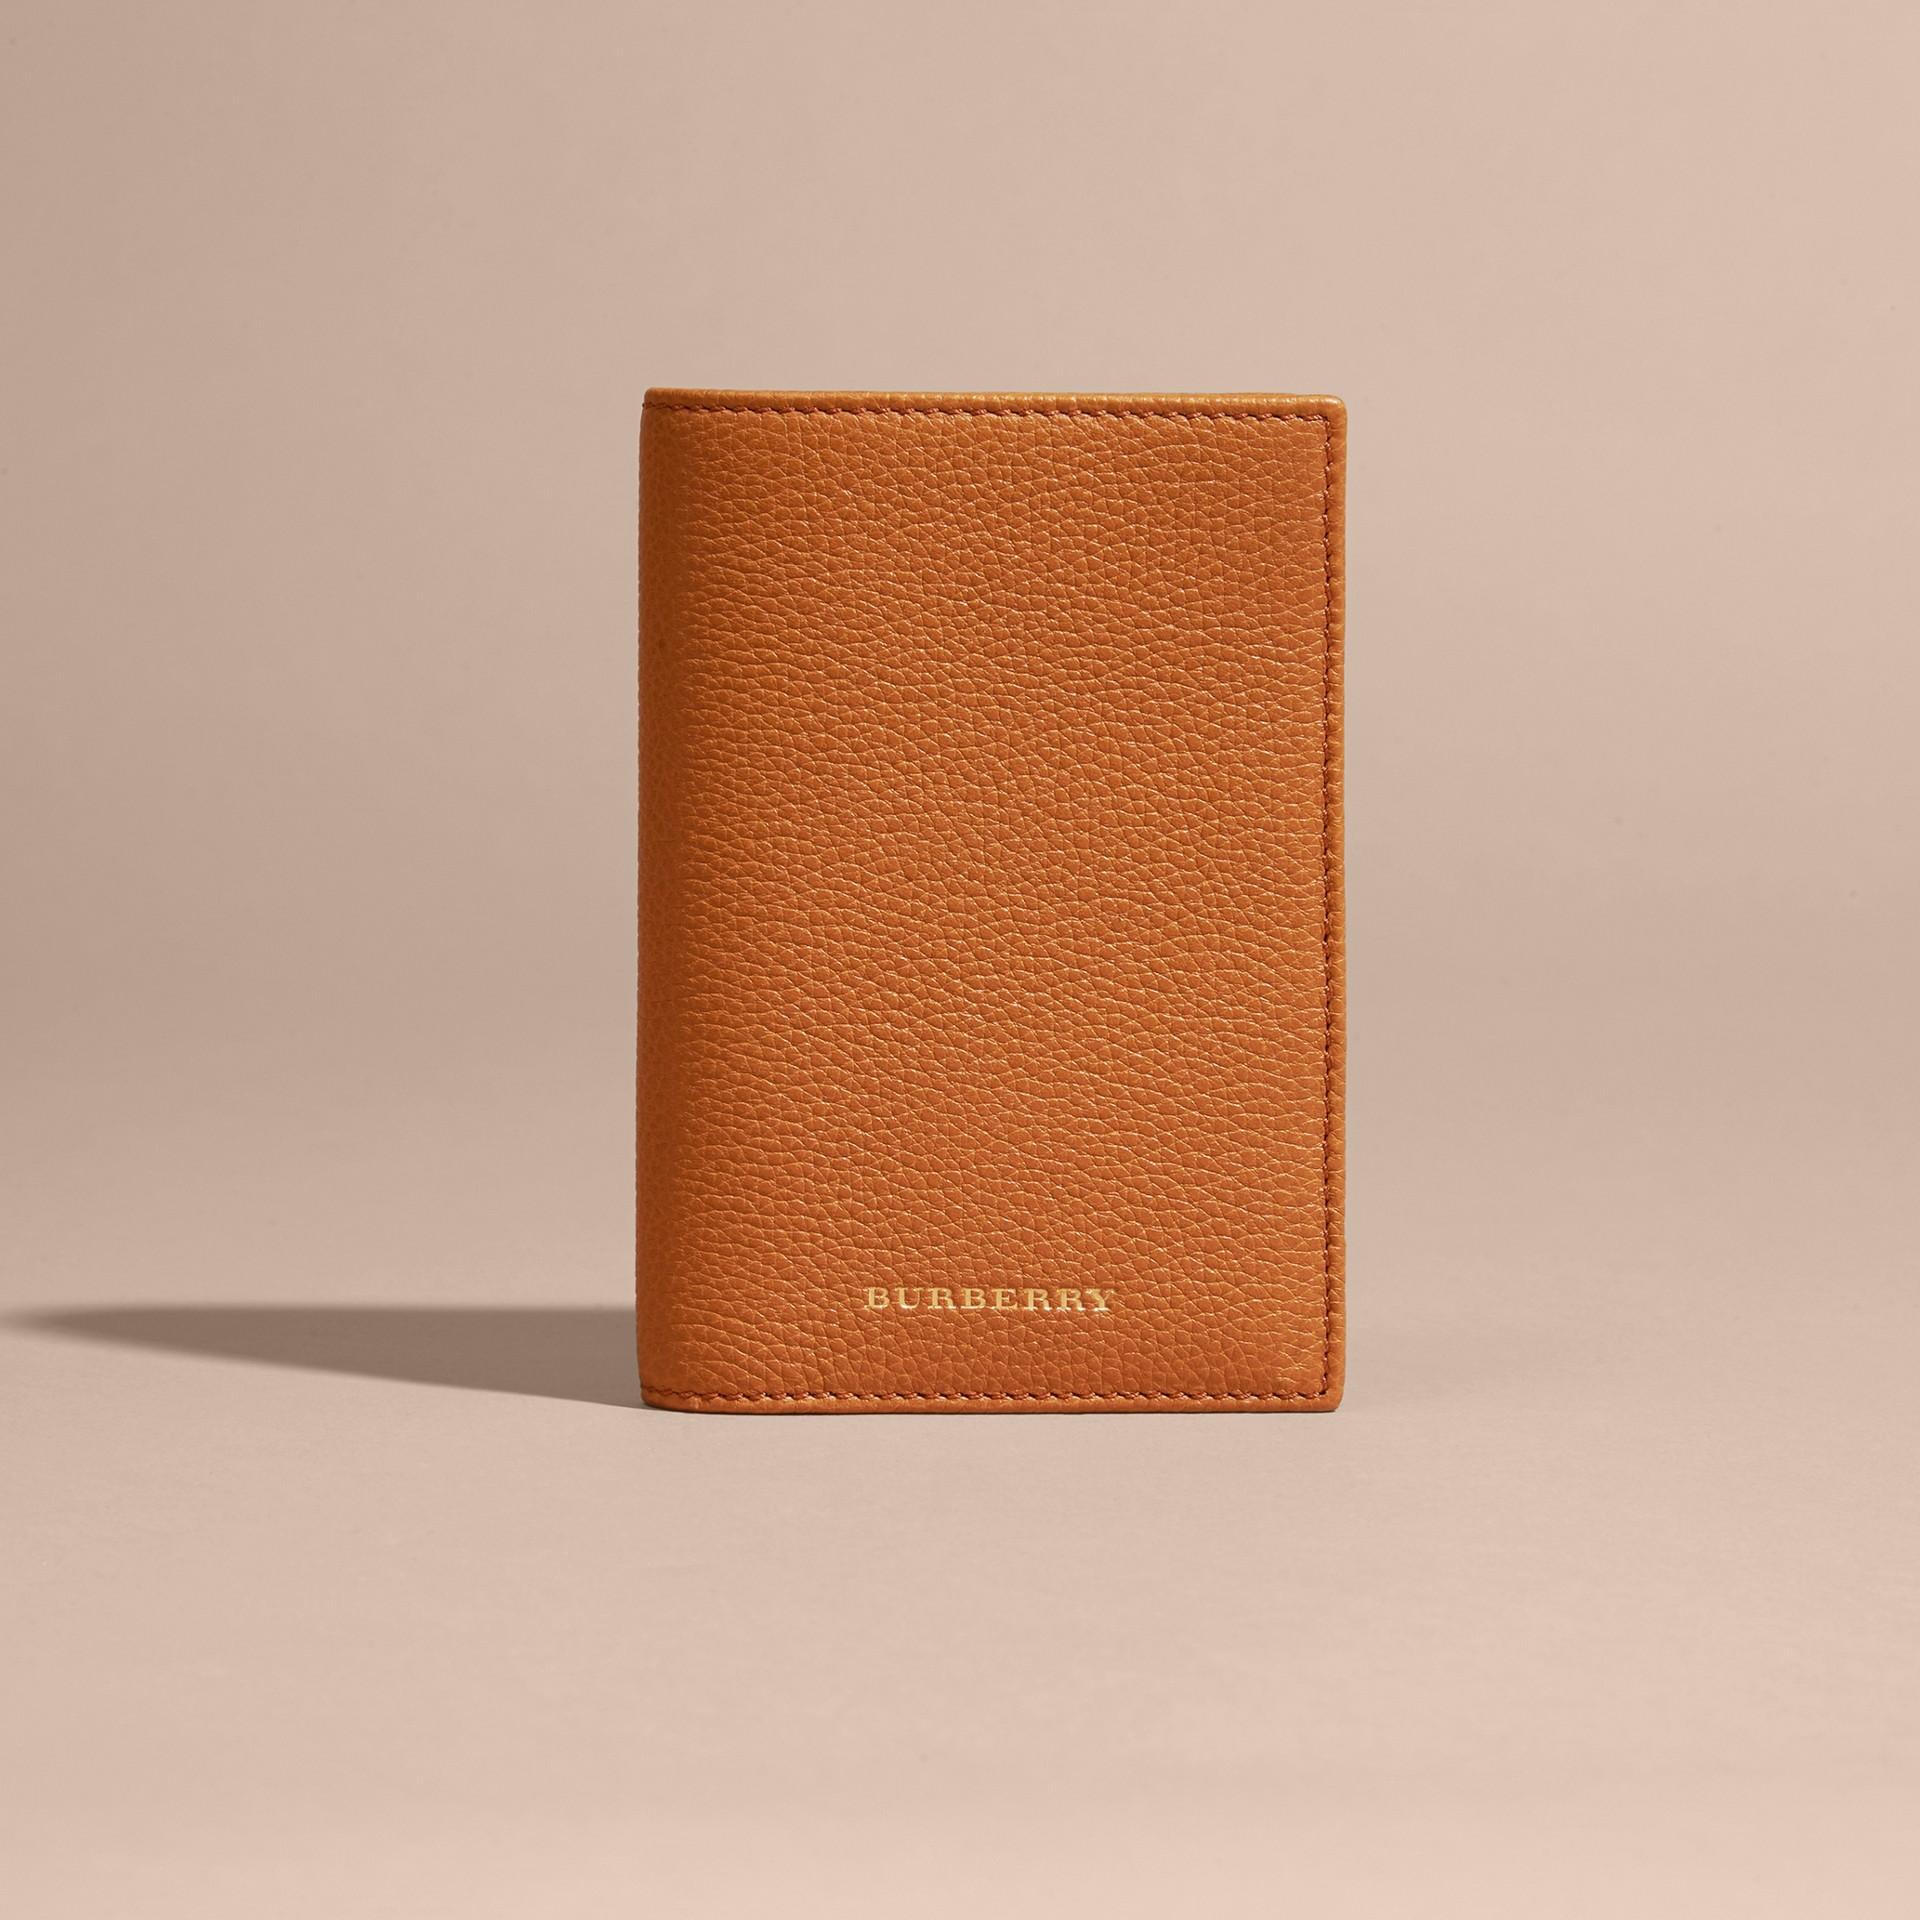 Toffee chiaro Custodia per passaporto e carte in pelle a grana Toffee Chiaro - immagine della galleria 6